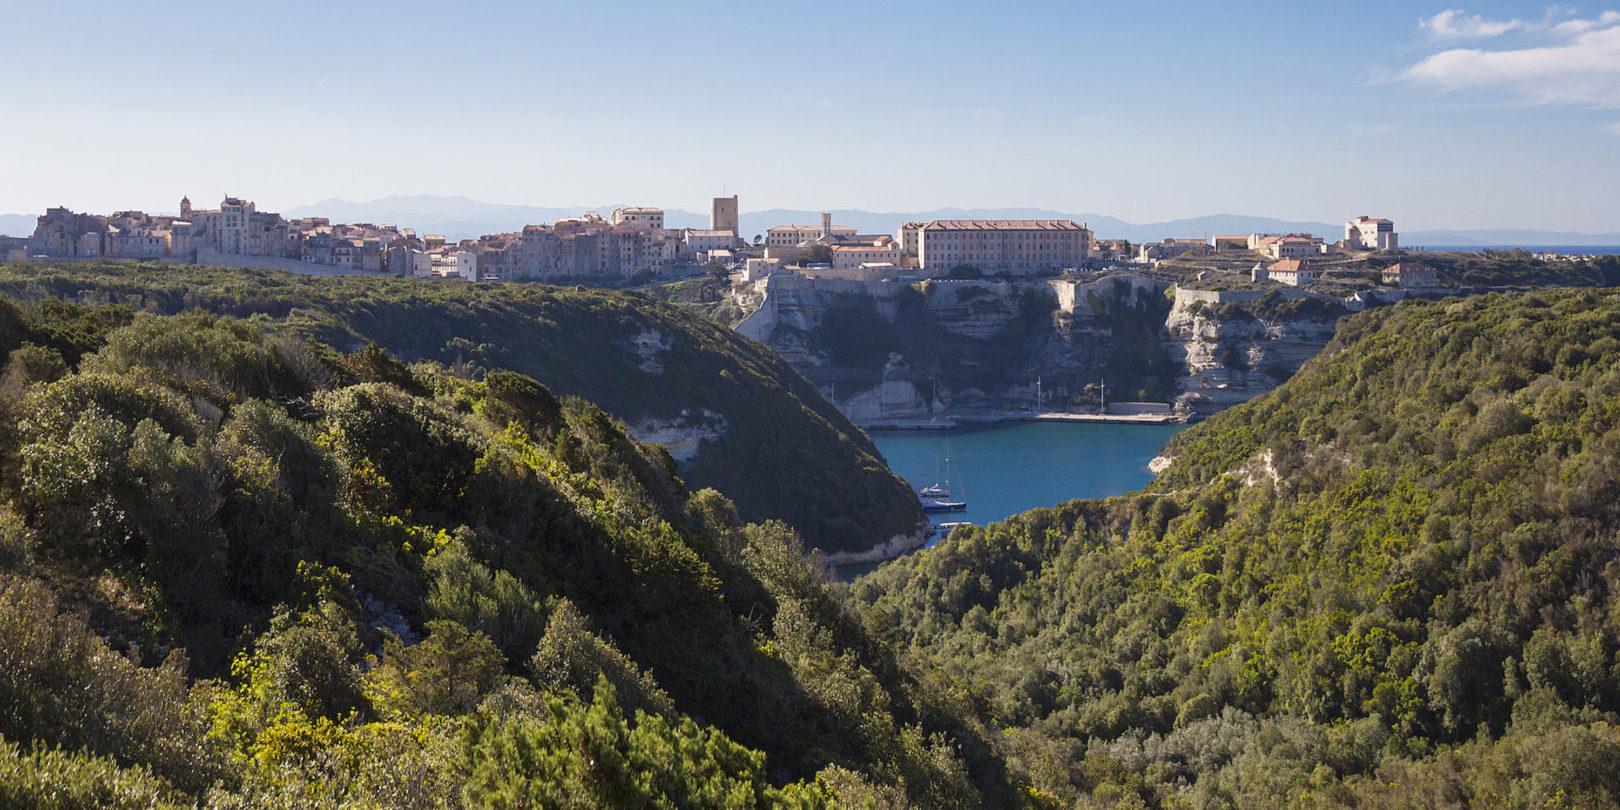 Hotel Cala di Greco Bonifacio Corsica Zuid-Corsica Frankrijk uitzicht maquis zee Bonifacio citadel